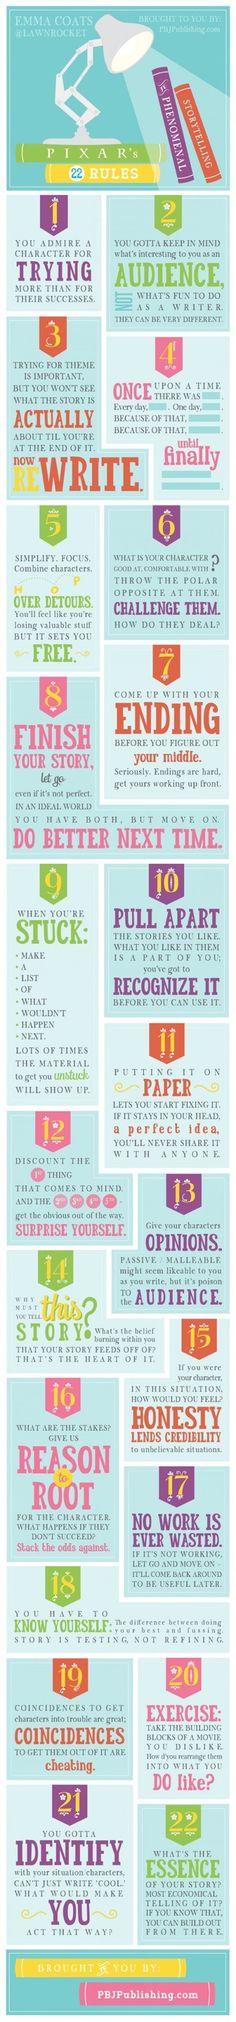 Pixar's Storytelling Rules